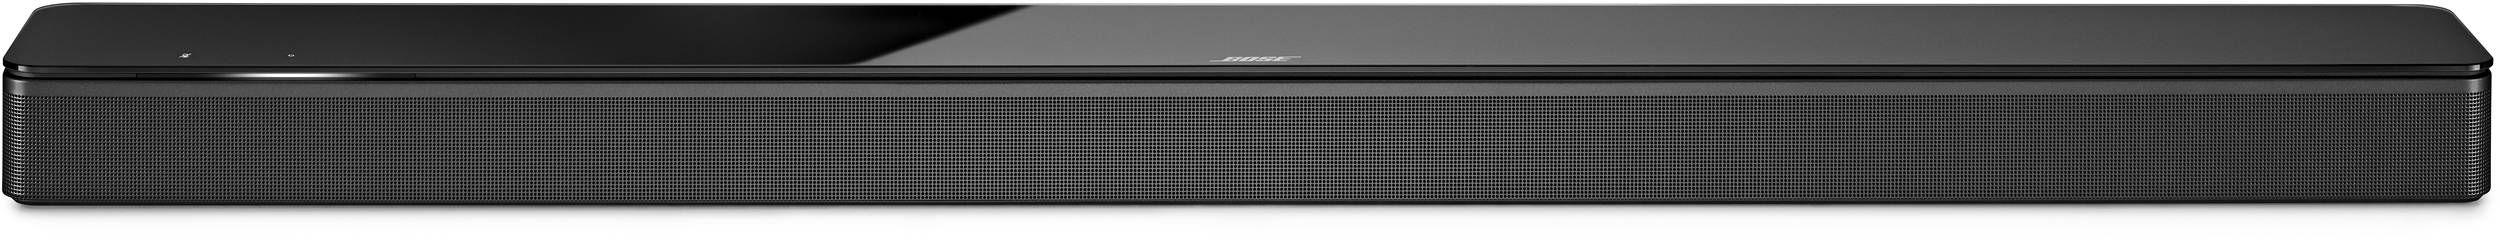 Reviews for Bose® Black Soundbar 700-795347-1100